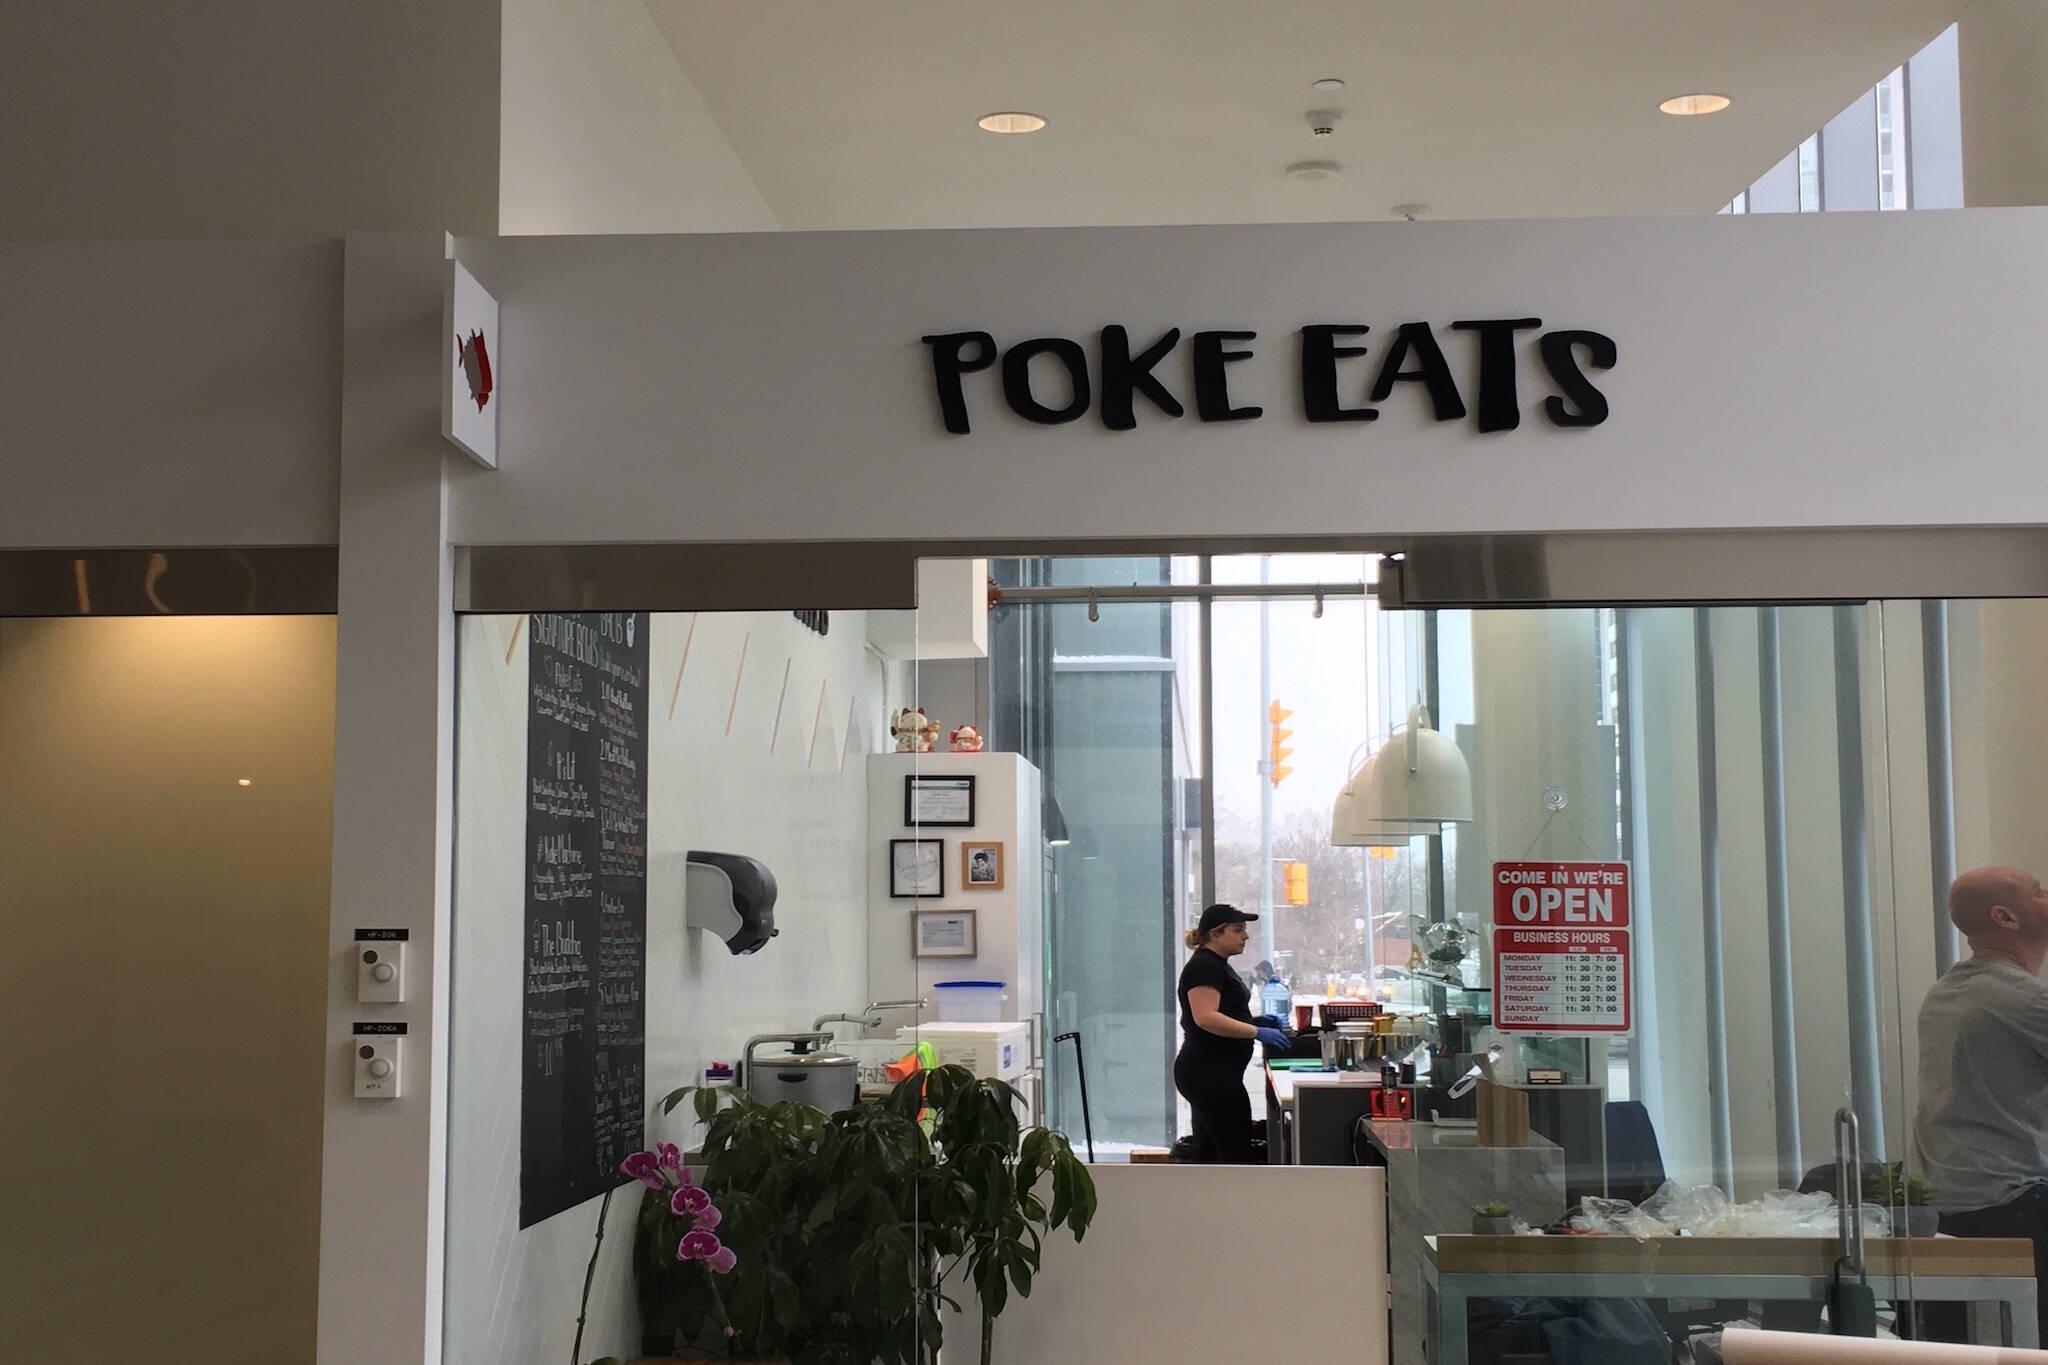 Poke Eats Toronto